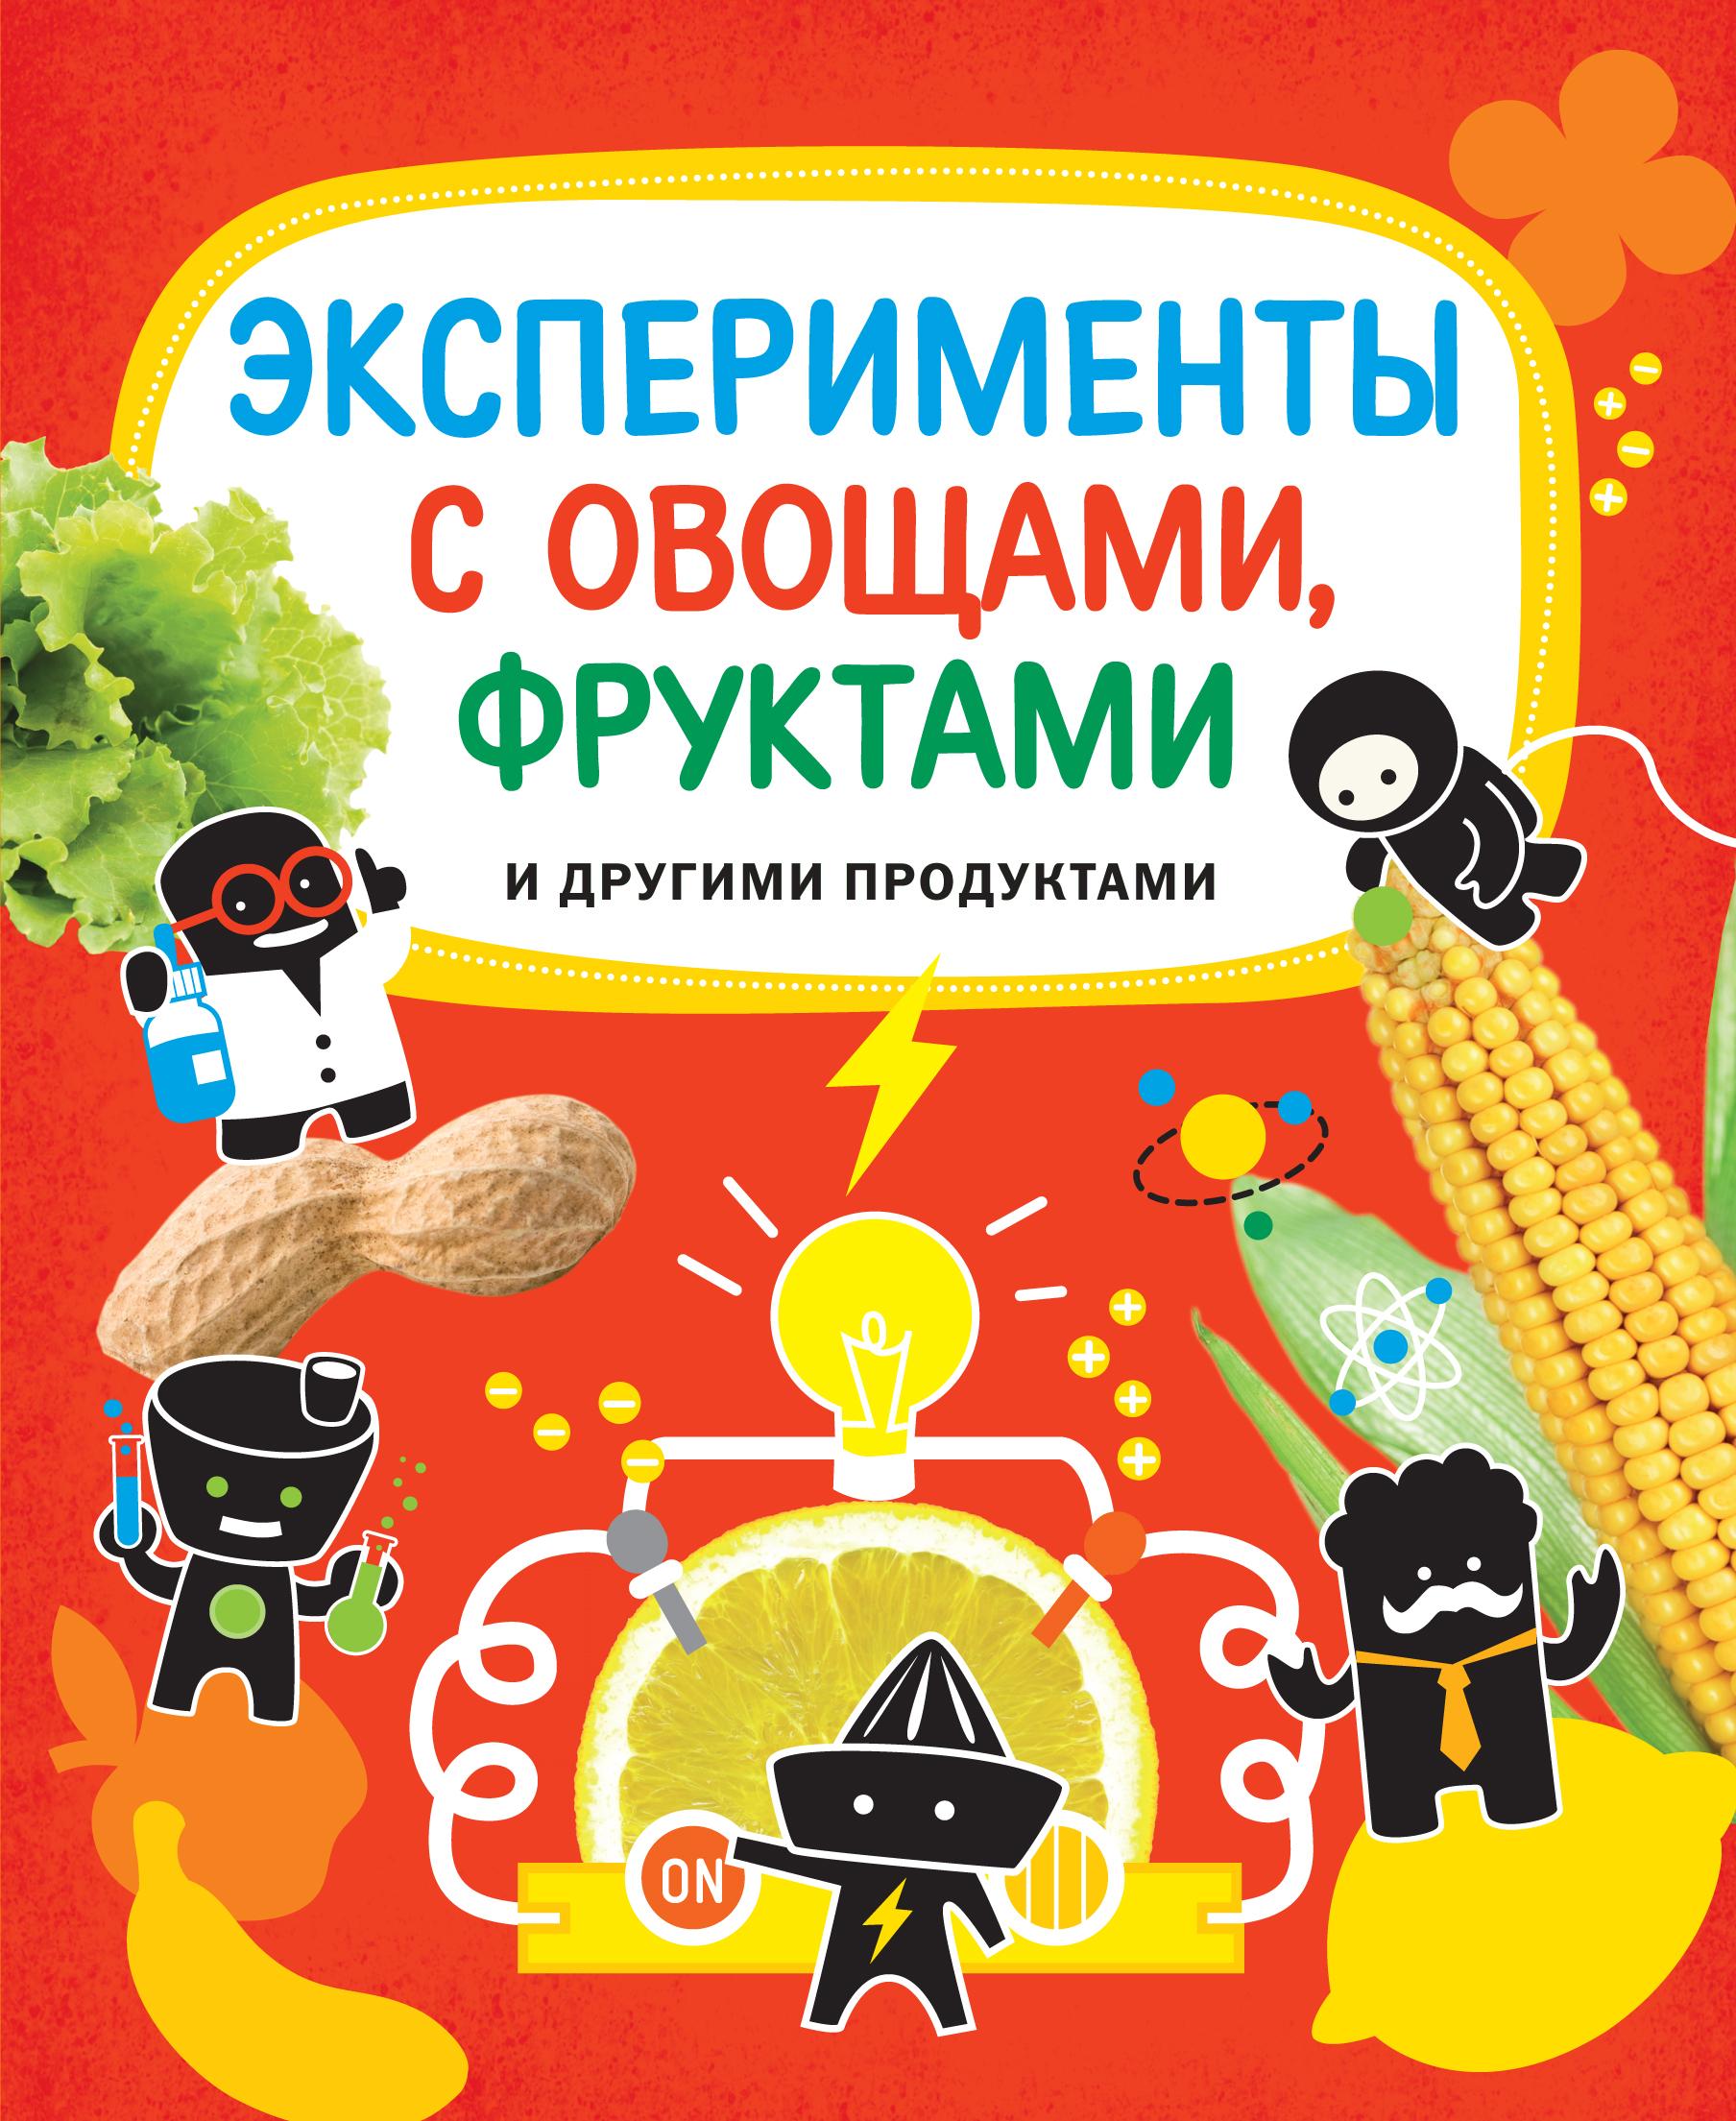 9+ Эксперименты с овощами, фруктами и другими продуктами